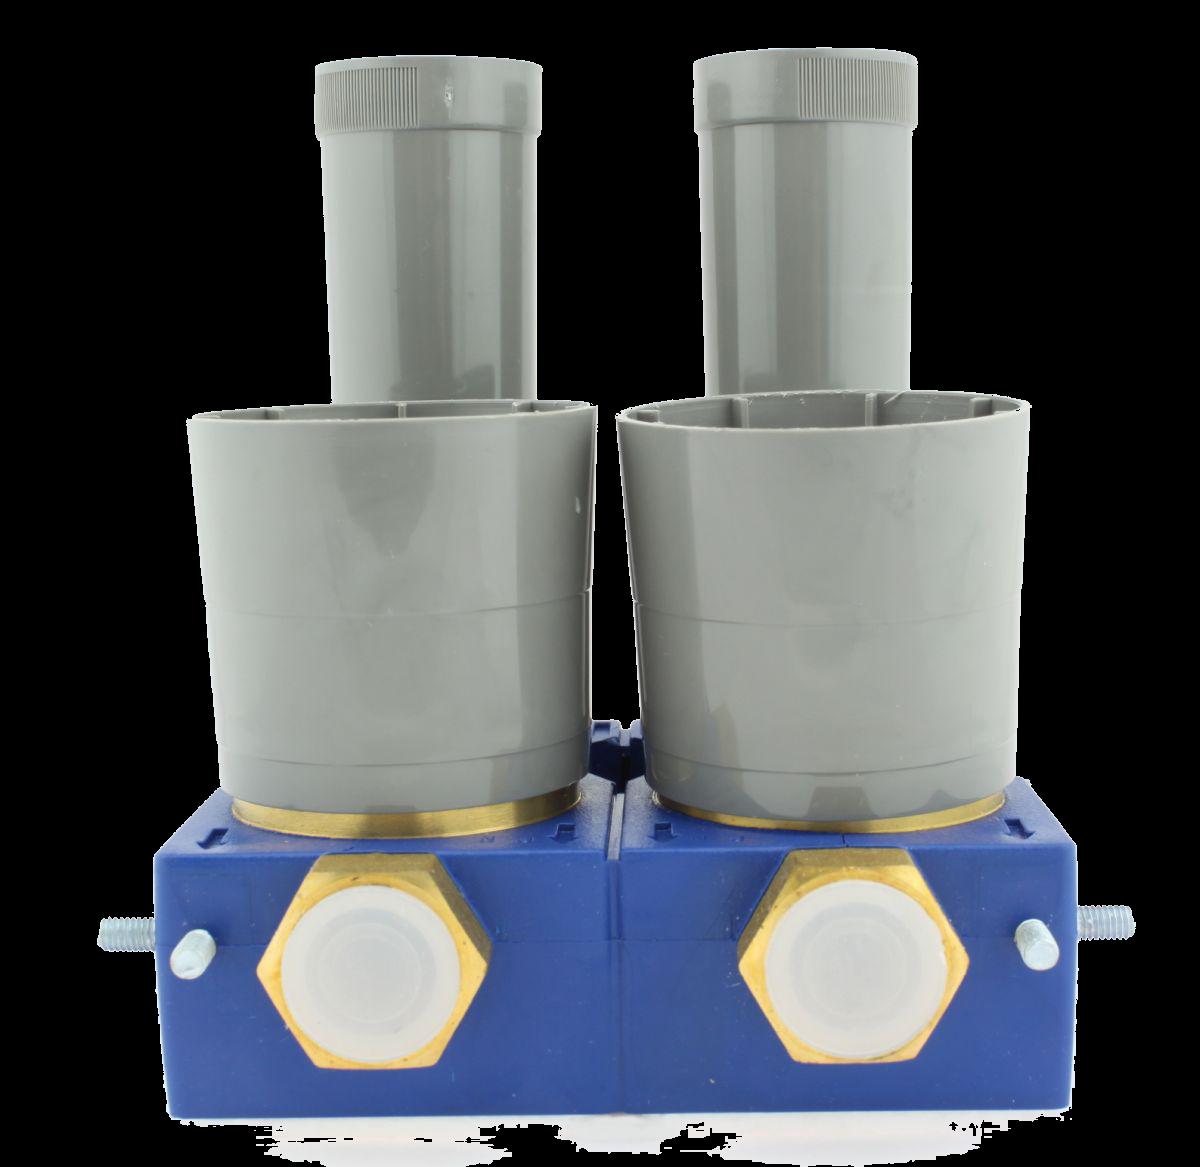 Minoblock micro Wasserzählerblock mit integrierten Absperrschiebern Anschluss Rp 3/4